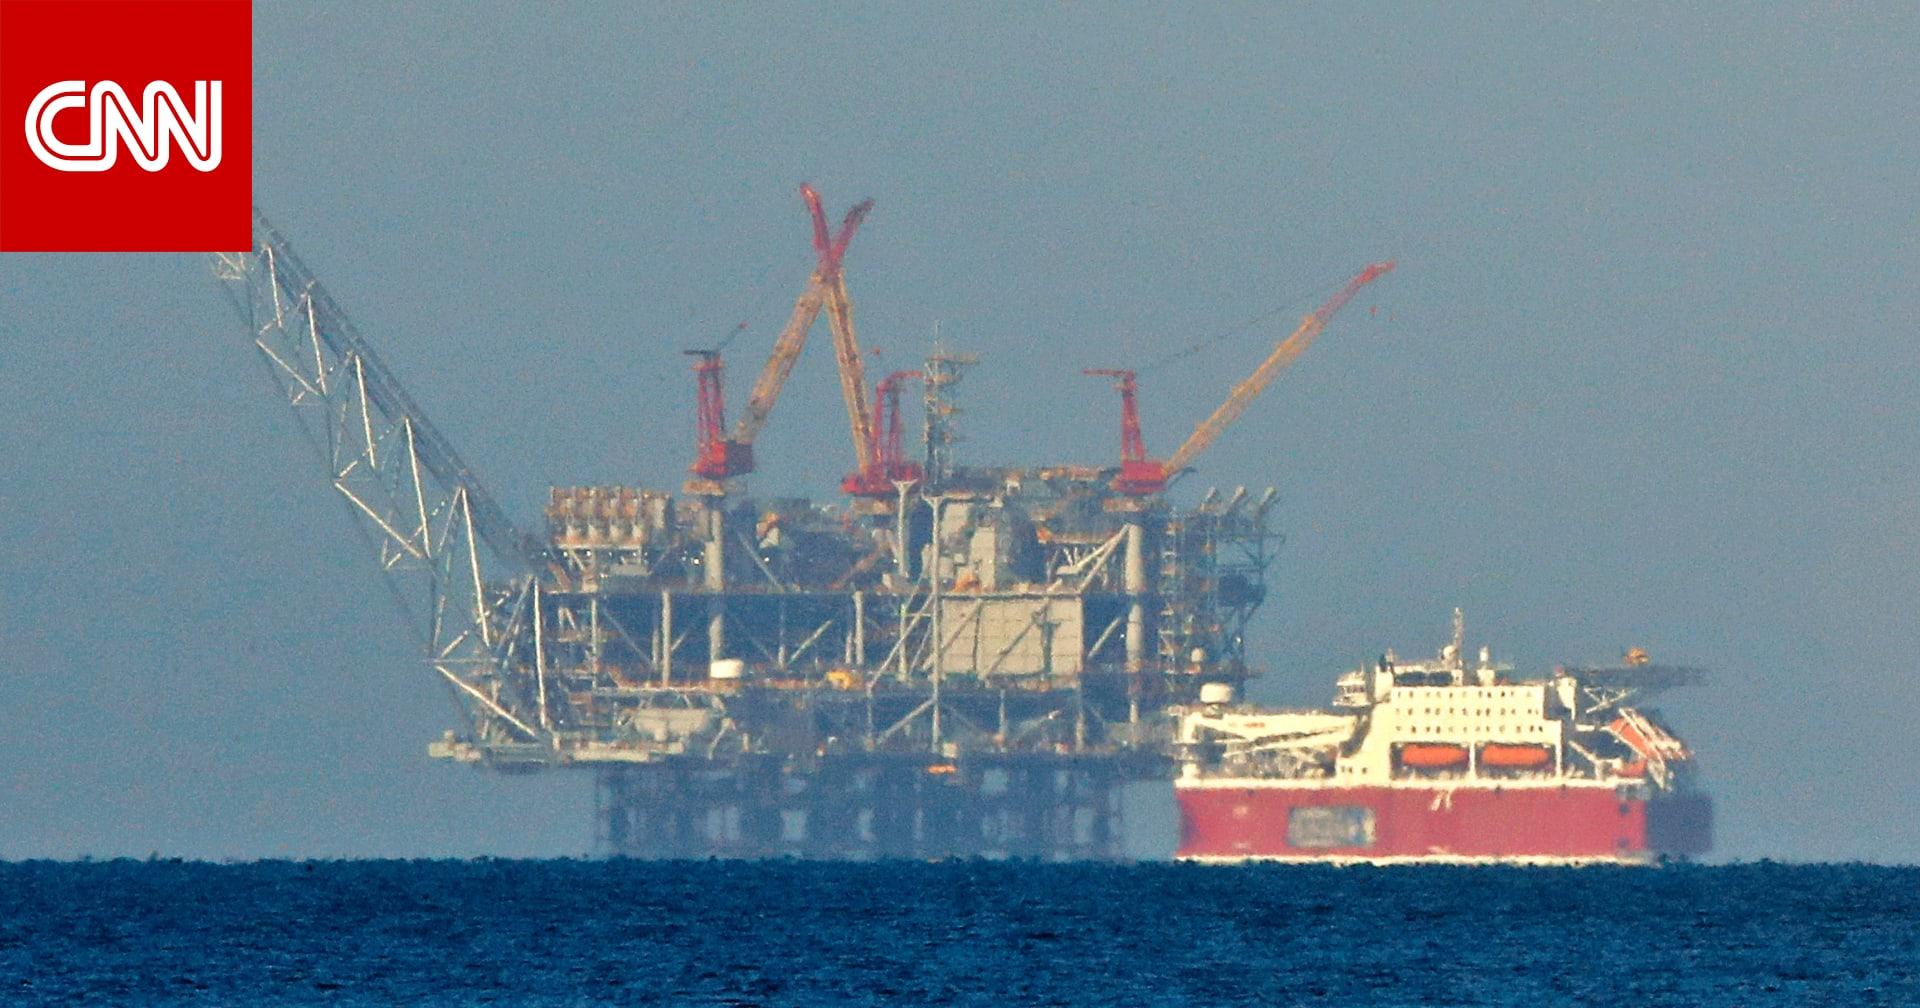 مصر تطرح أول مزايدة عالمية في 2021 للتنقيب عن النفط بـ24 منطقة تشمل شرق المتوسط